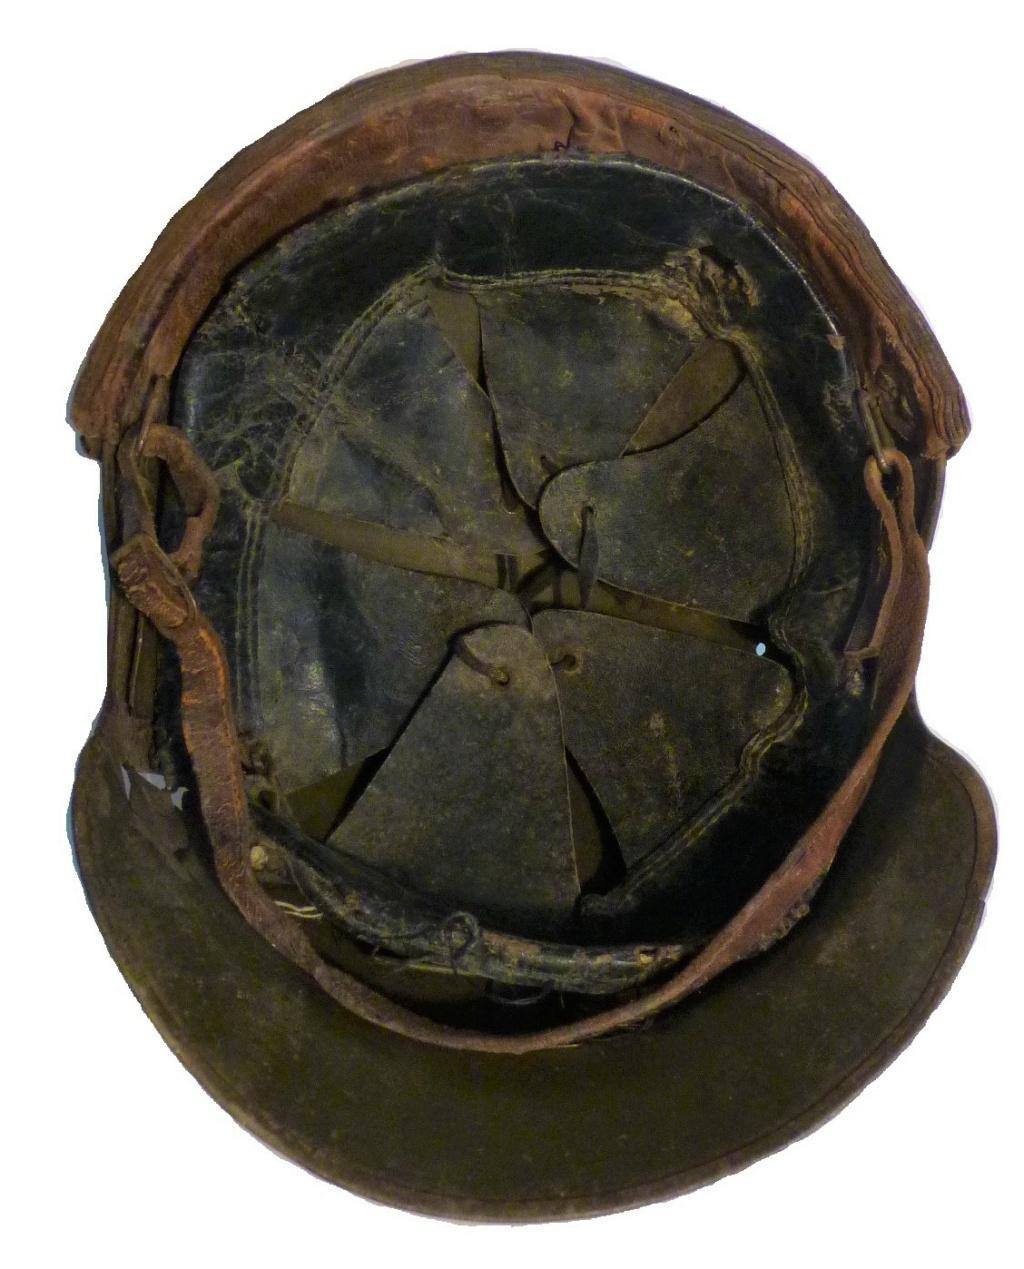 Casque DCA 36 du soldat Lafargue P1520637